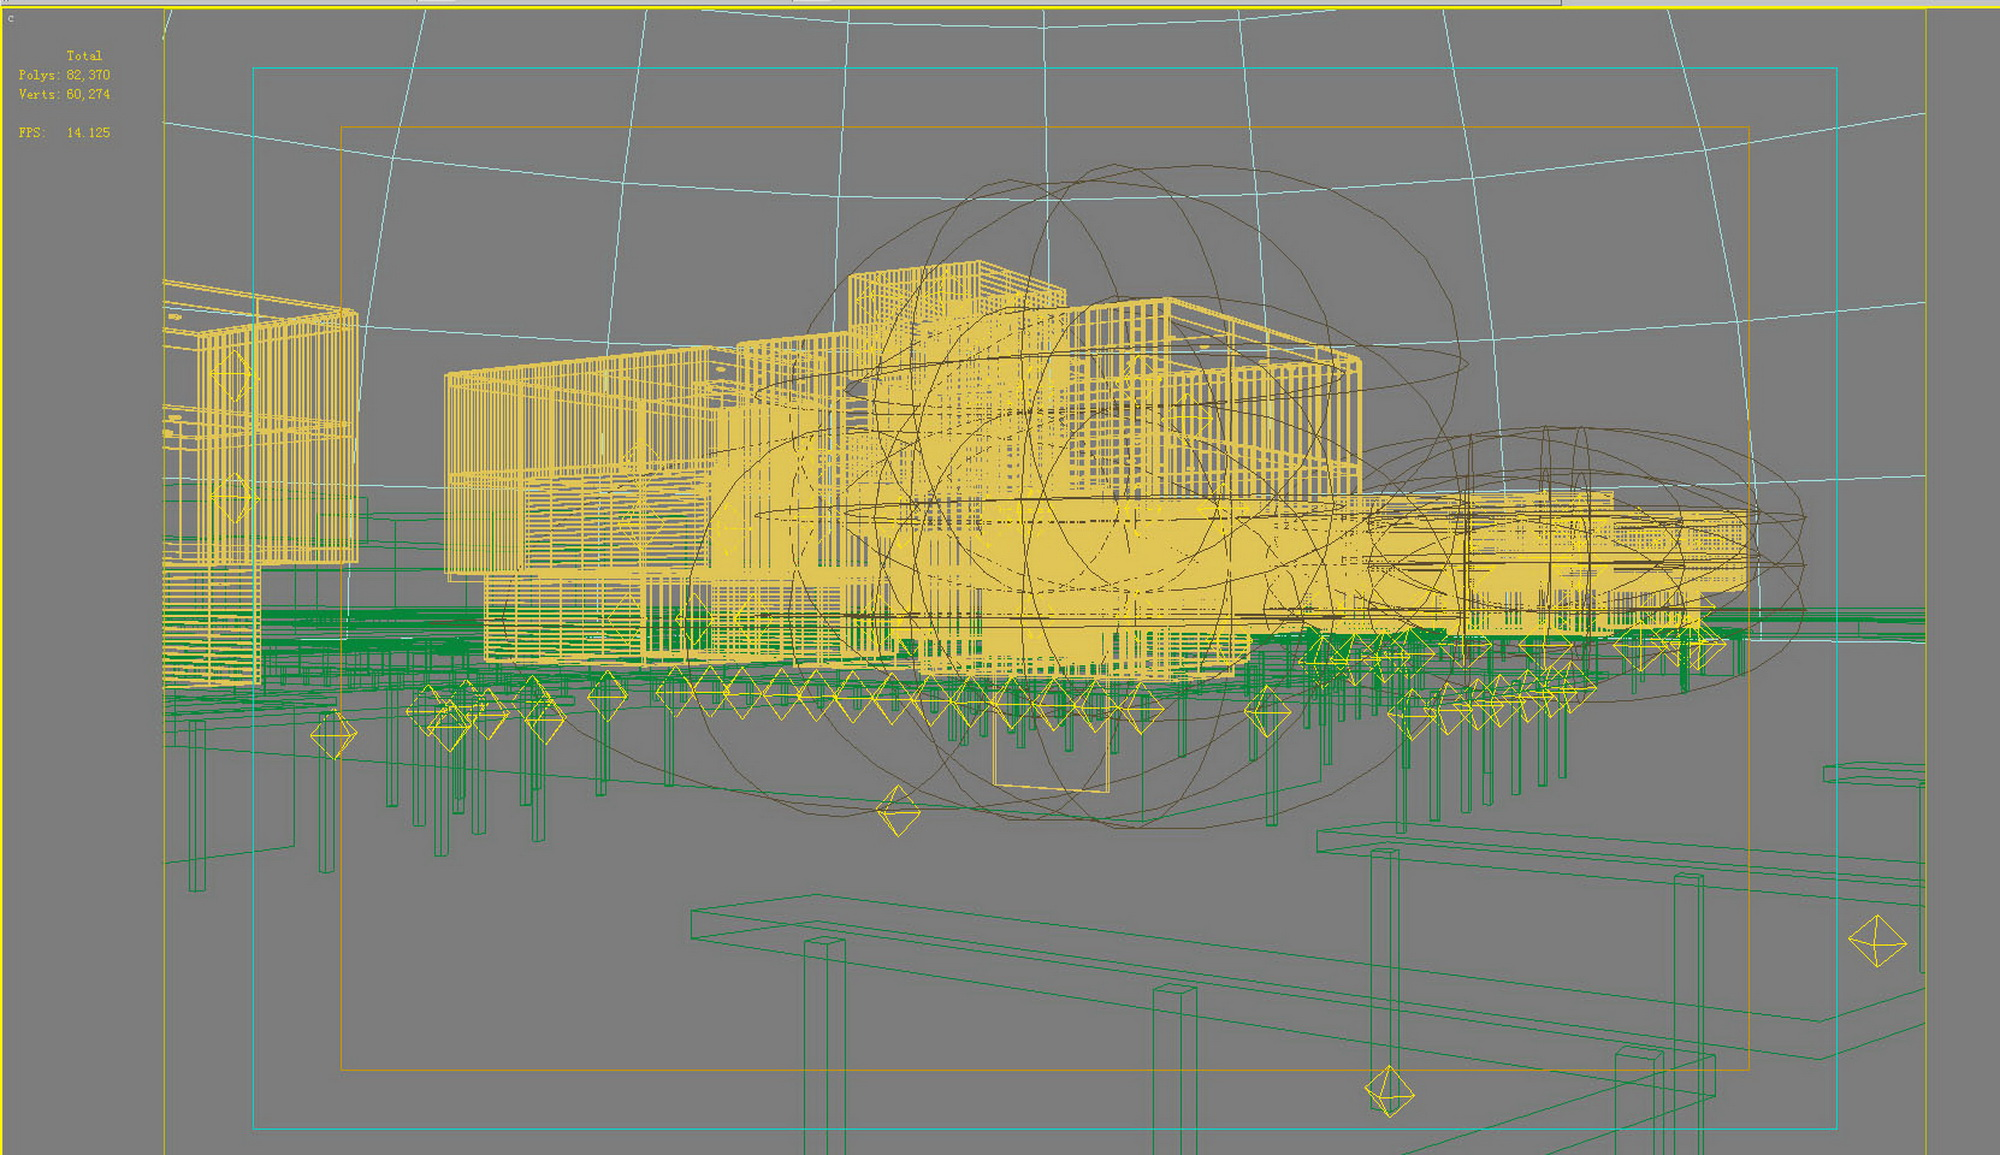 building 628 3d model max psd 126915